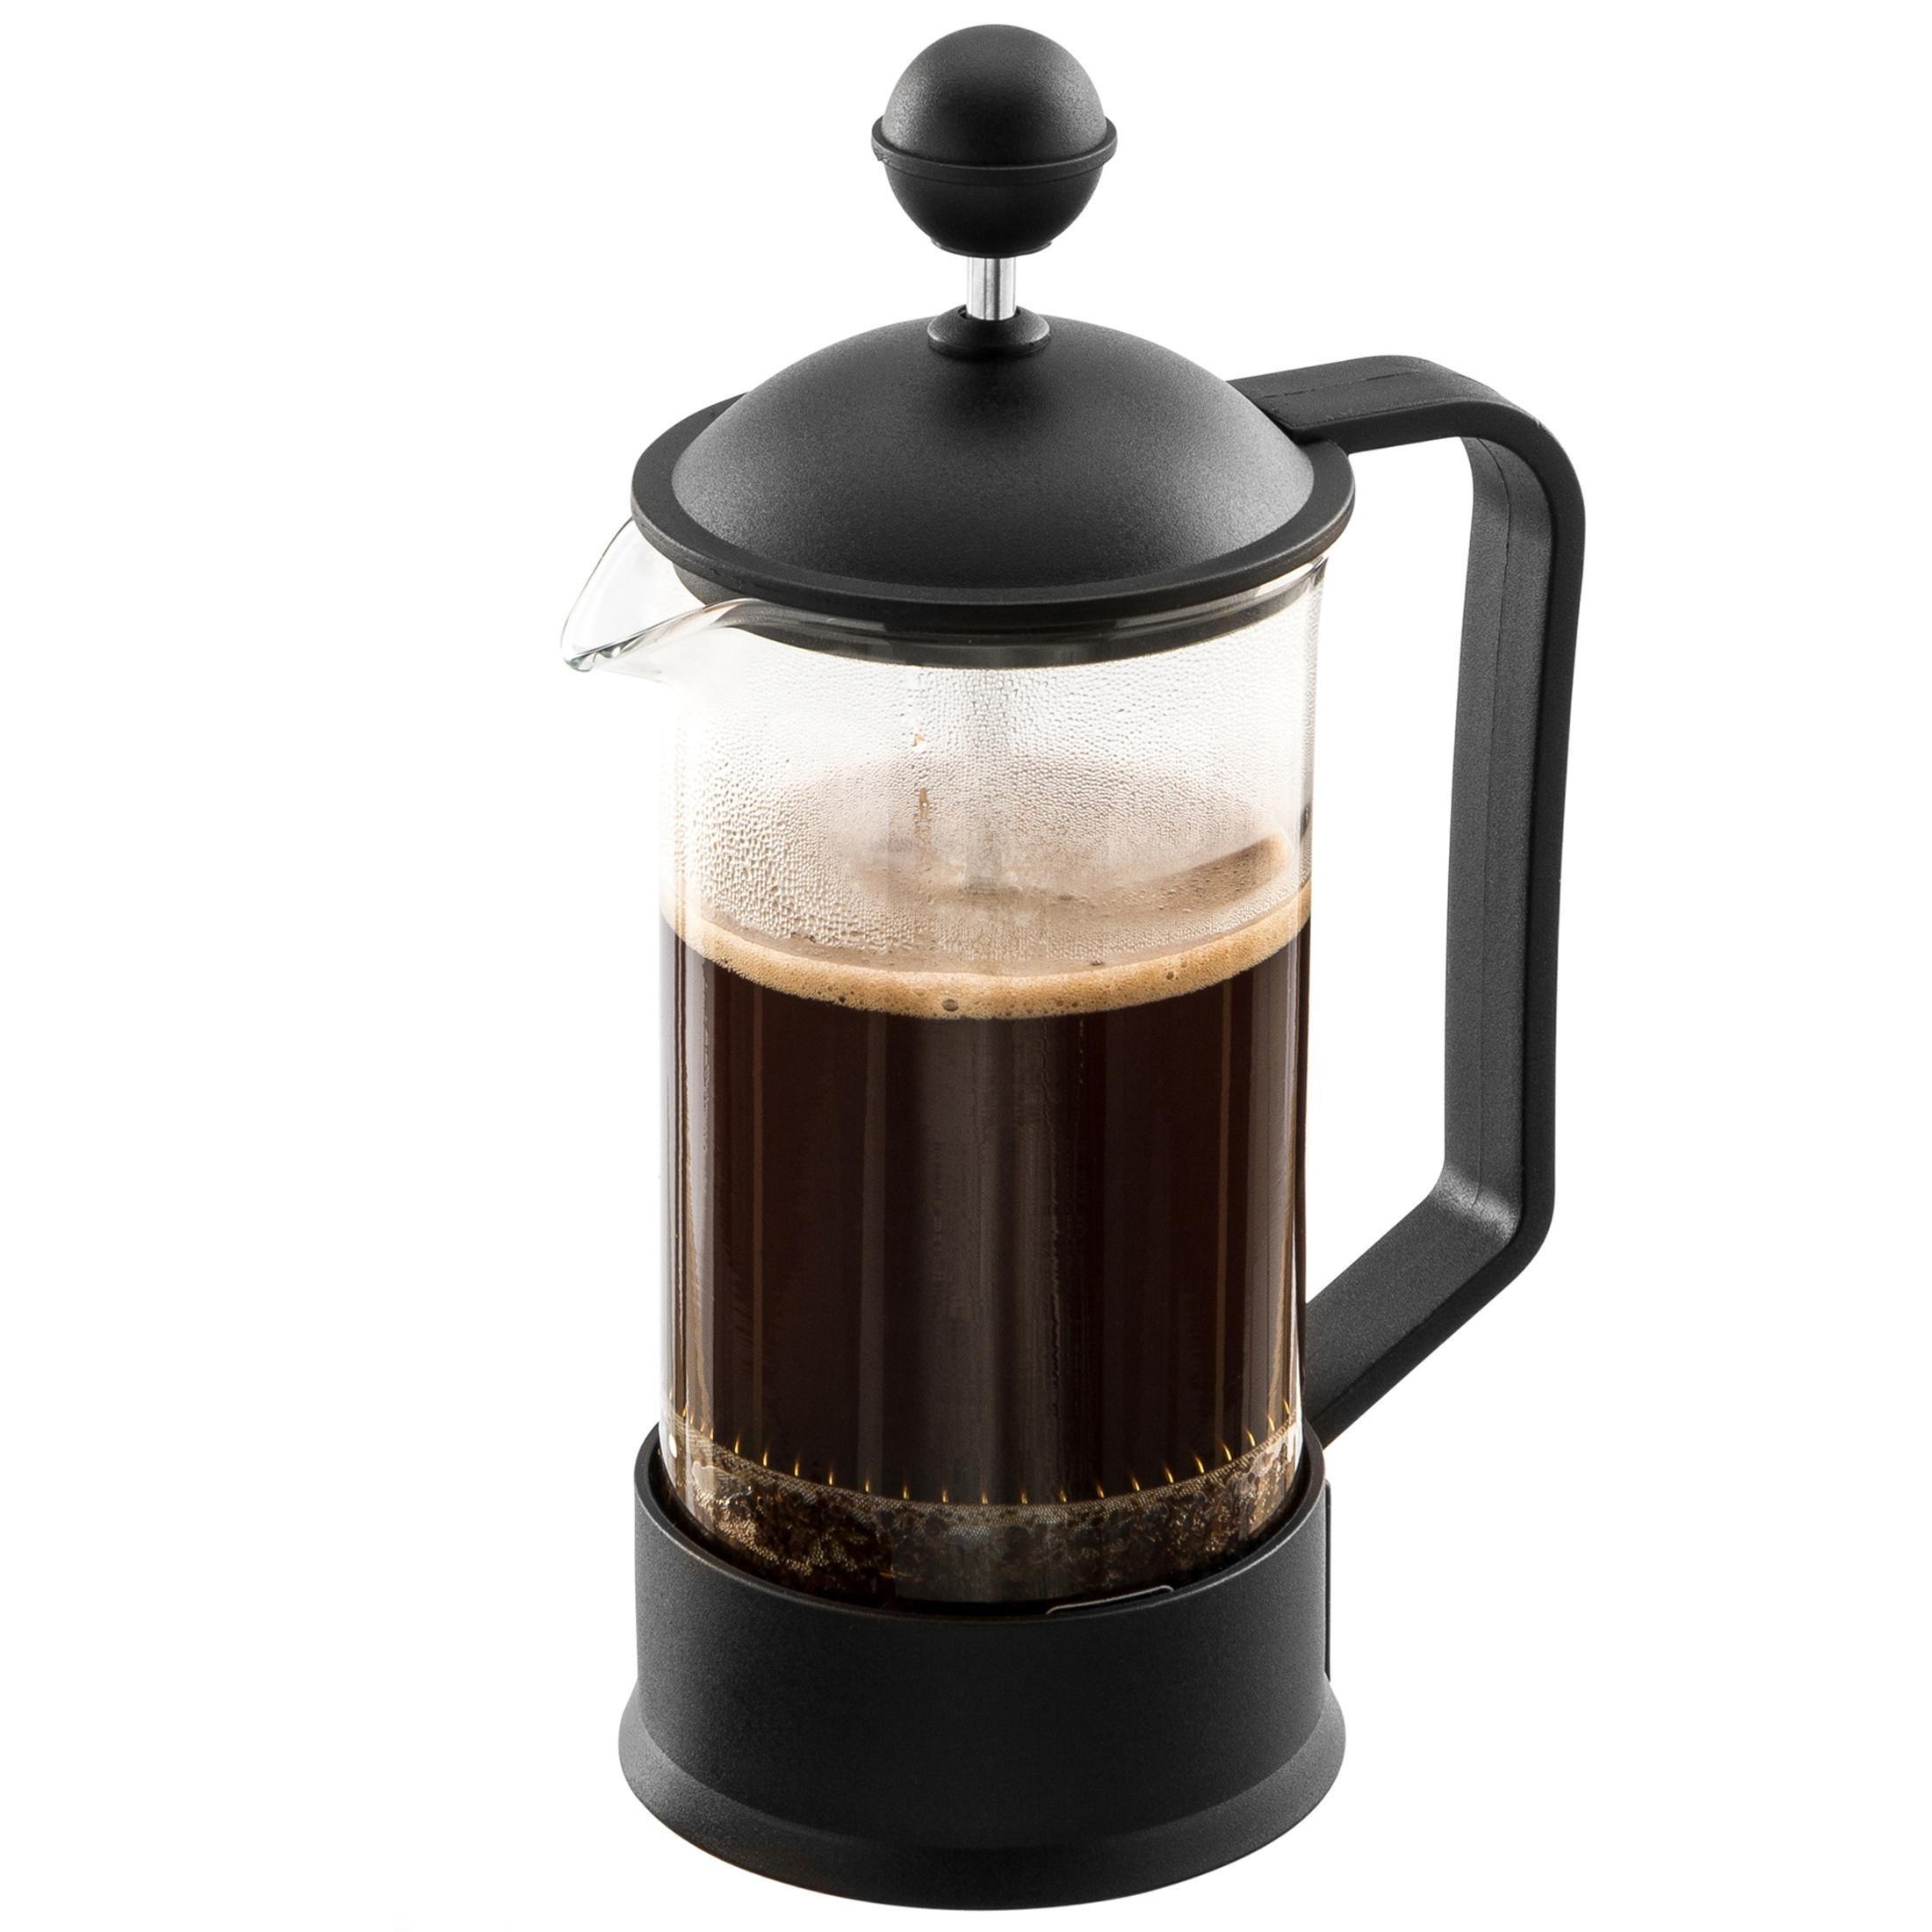 levivo reise kaffeebereiter kleine stempelkanne mit french press system 0 35 l. Black Bedroom Furniture Sets. Home Design Ideas